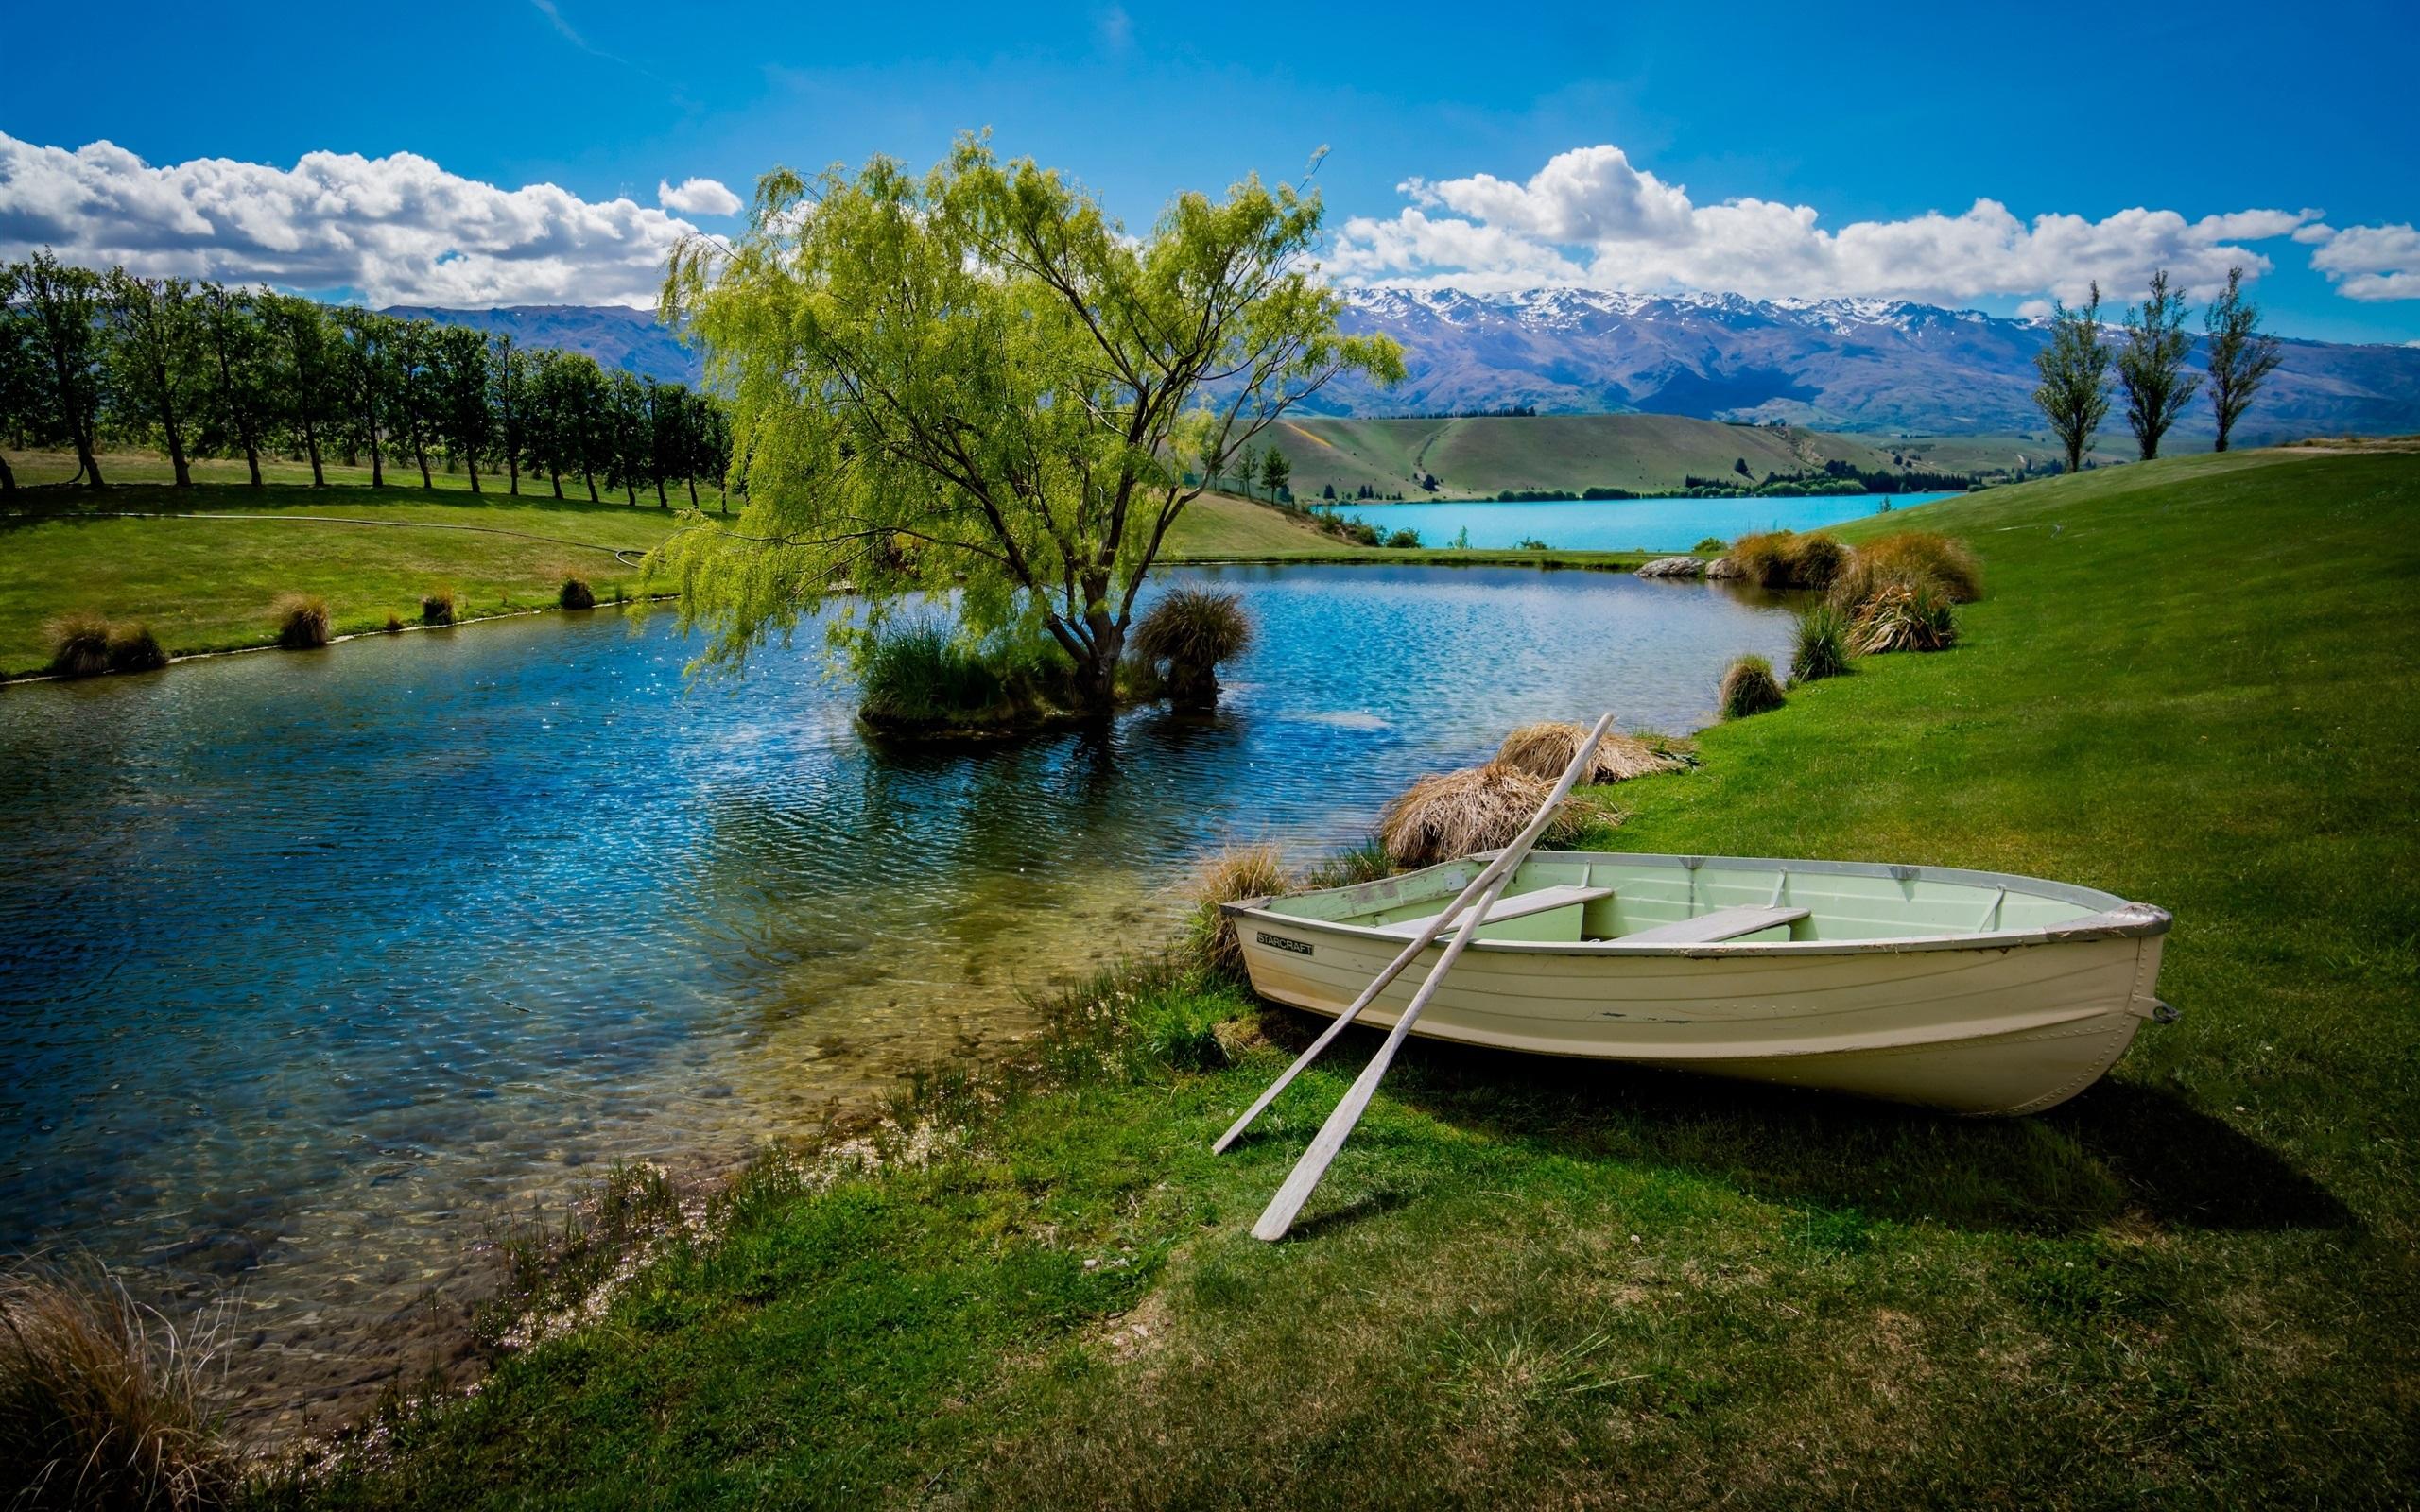 Открытка лодка на реке, картинки спорте девушки